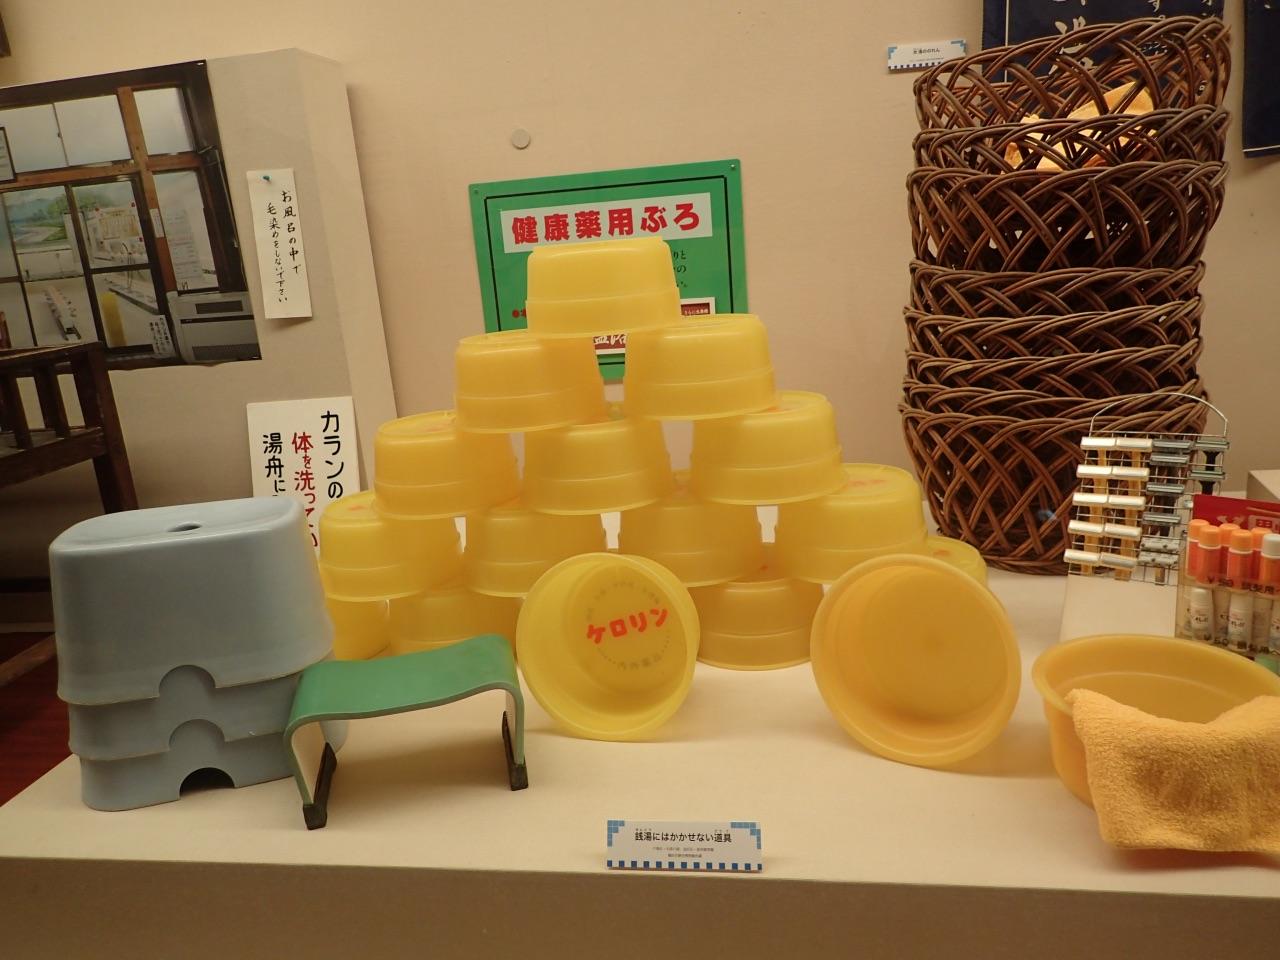 横浜市歴史博物館「銭湯と横浜 ちょっと昔のお風呂屋さんへようこそ!」展